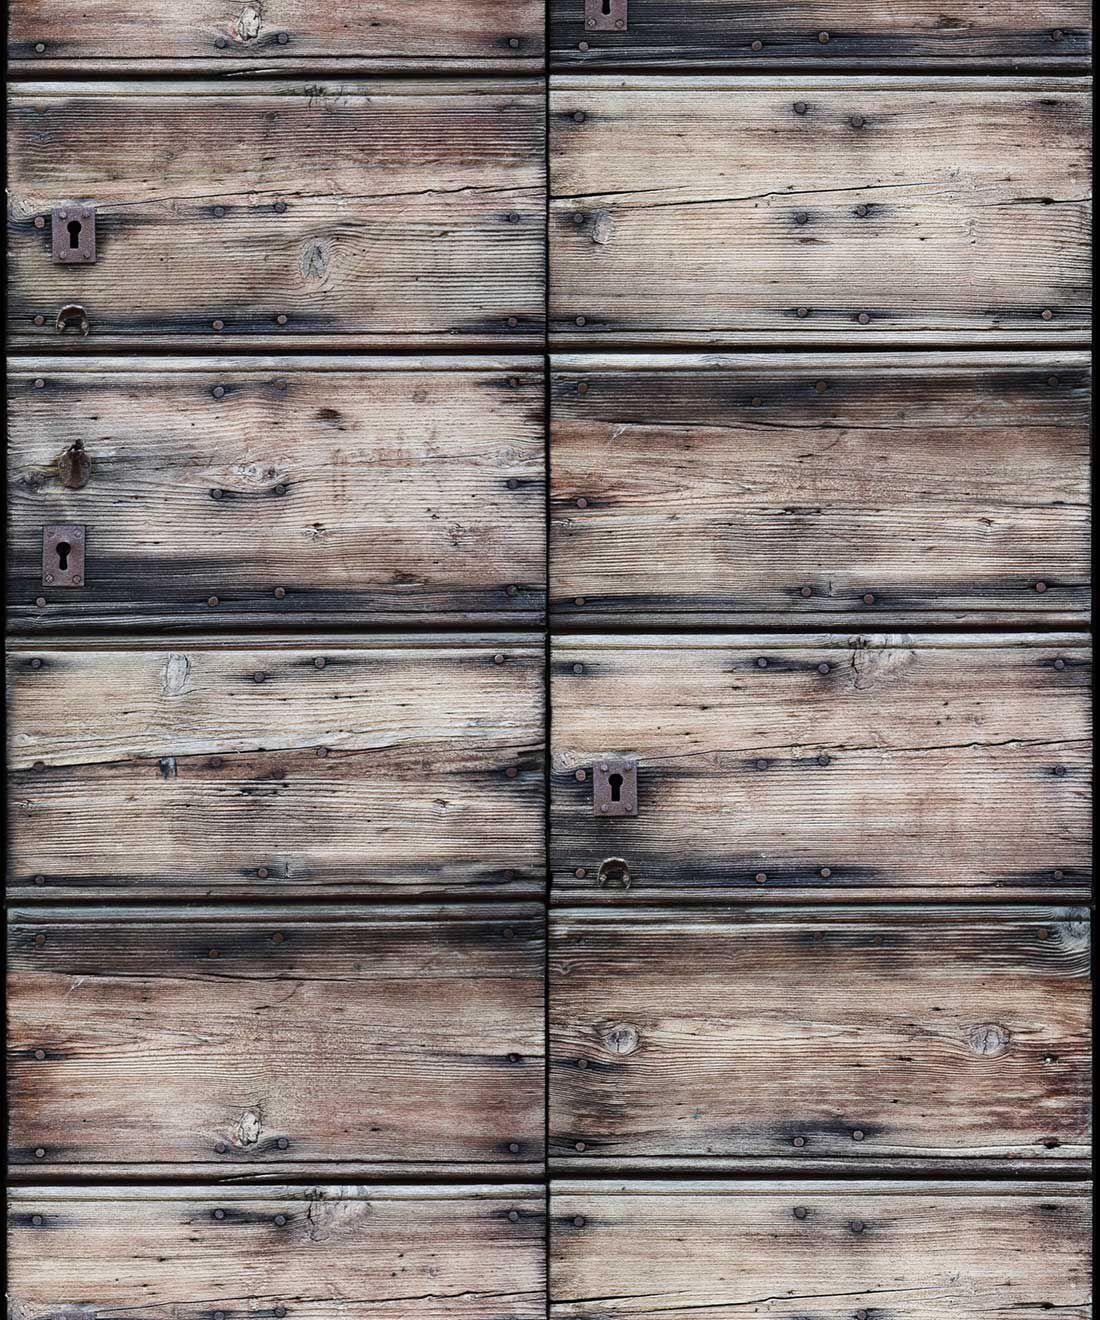 Timber & Nails Wallpaper